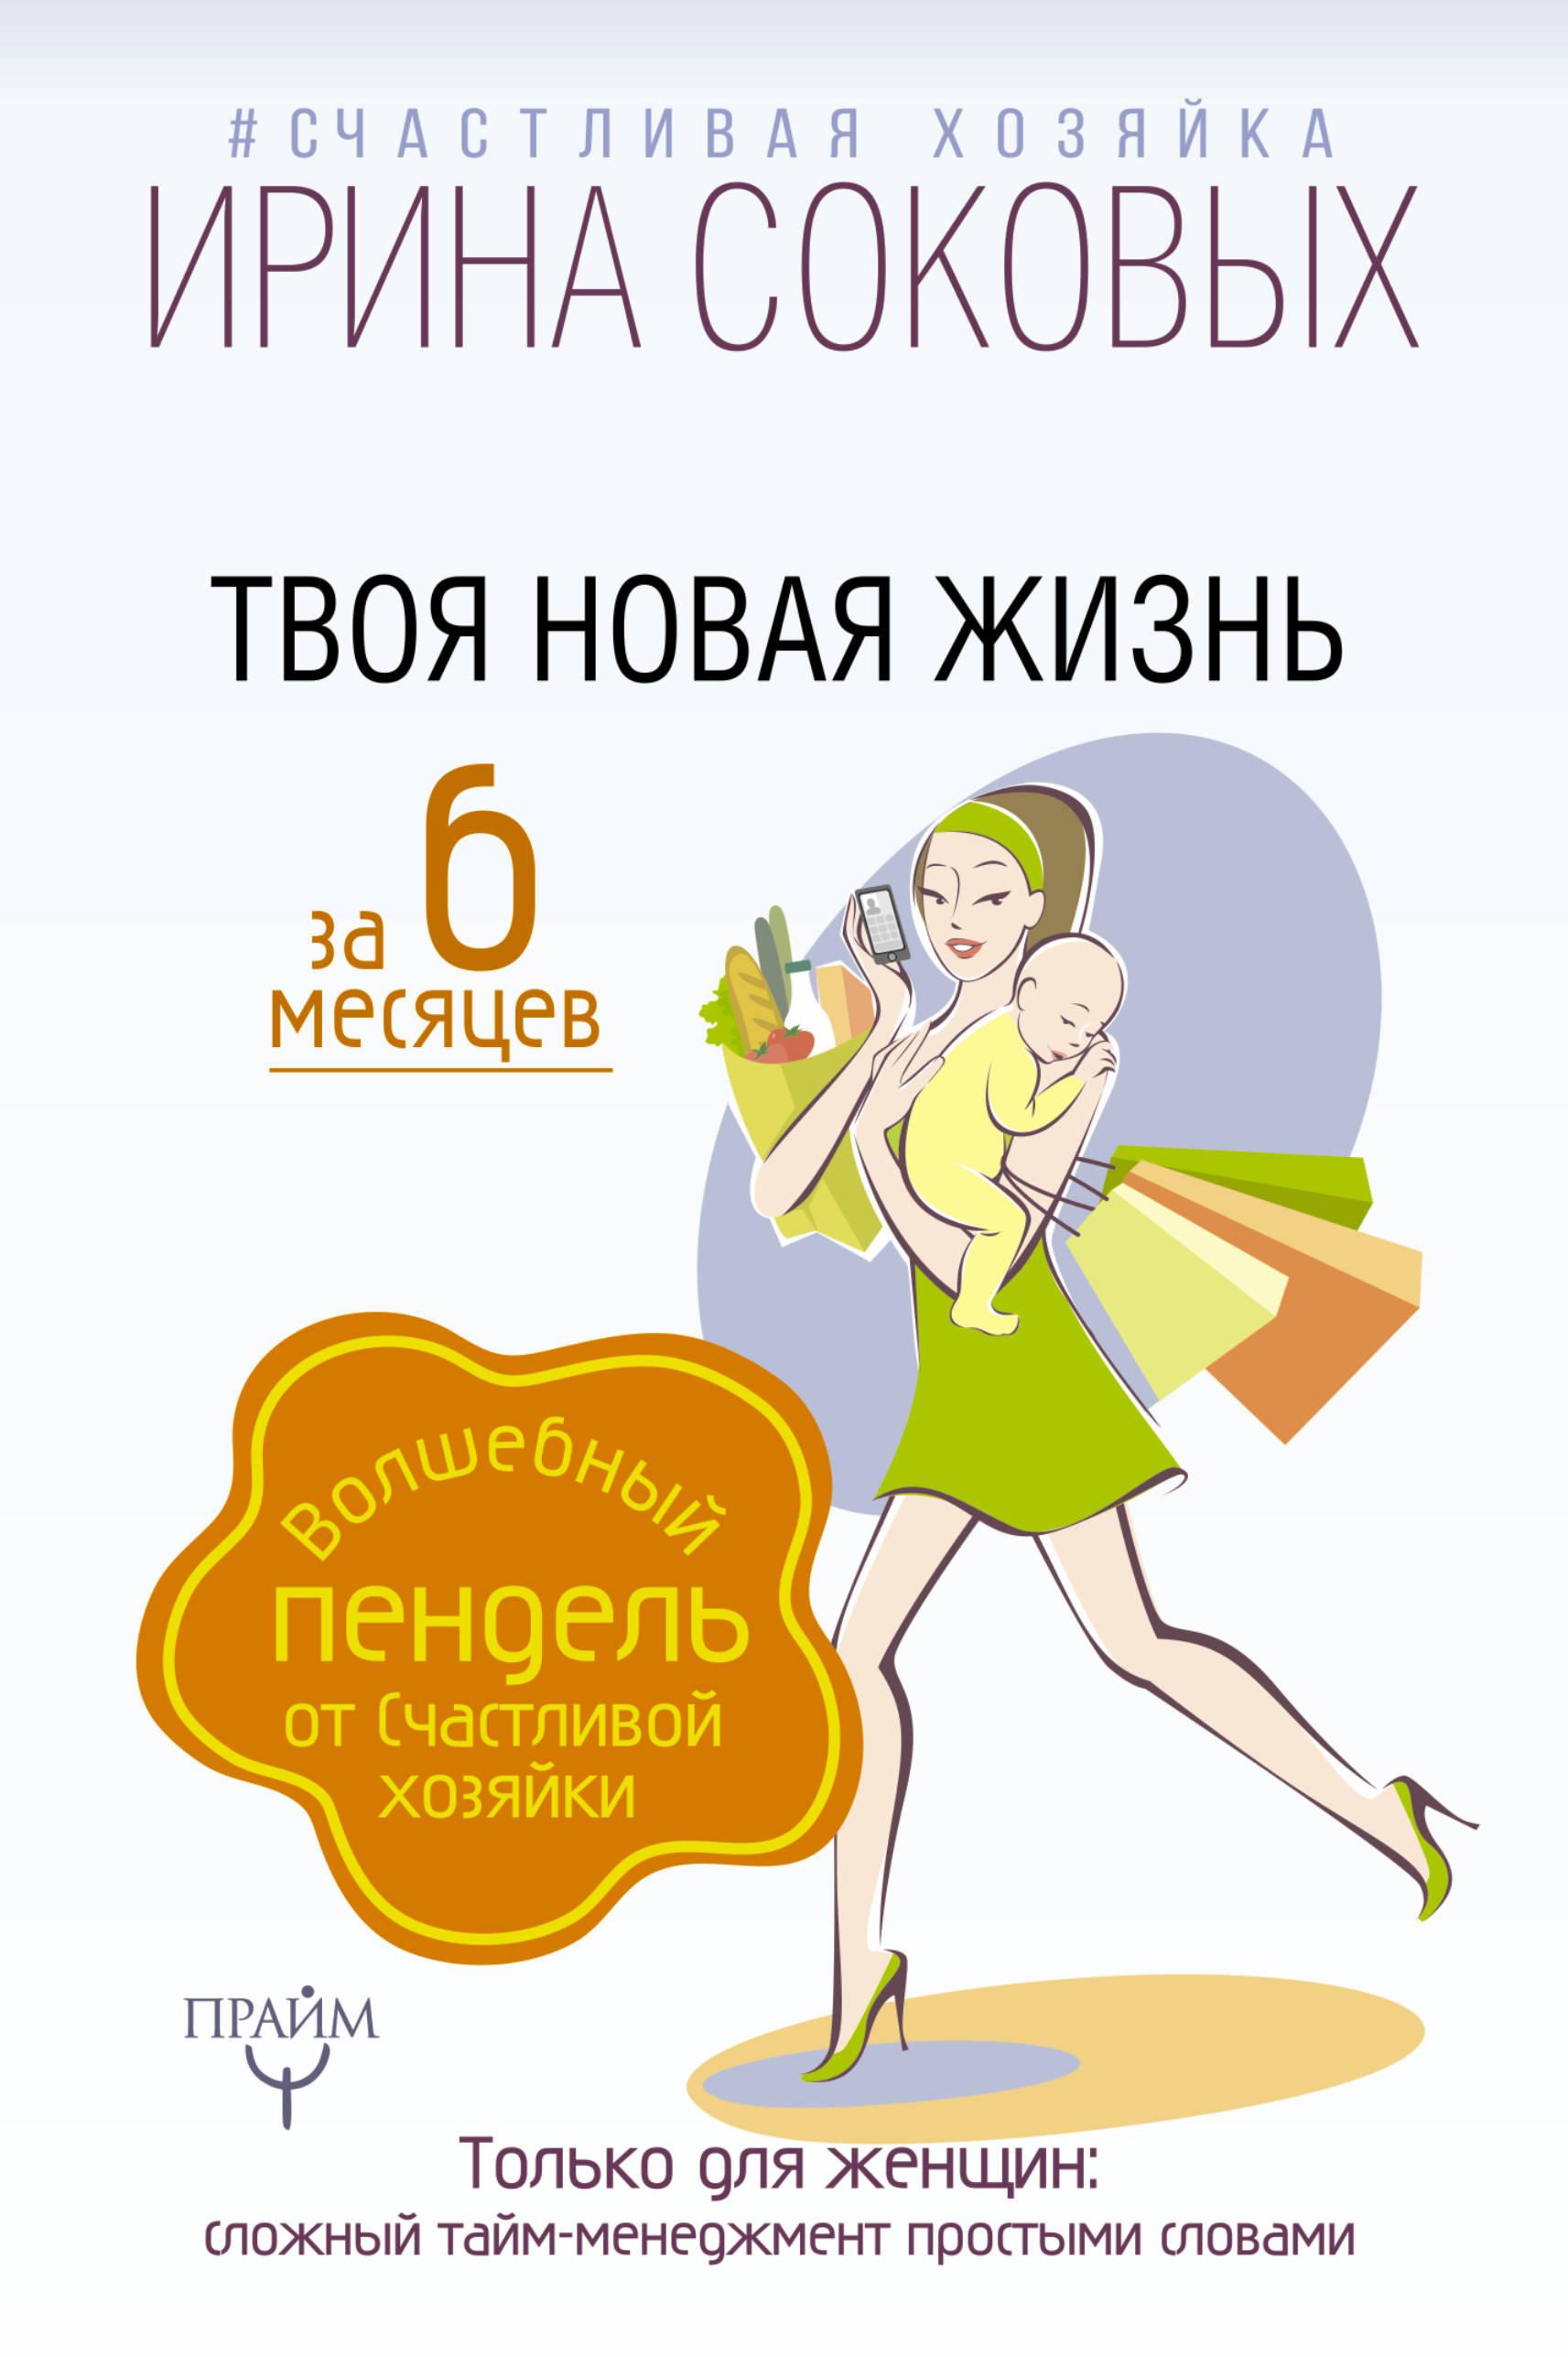 Соковых Ирина Твоя новая жизнь за 6 месяцев. Волшебный пендель от Счастливой хозяйки